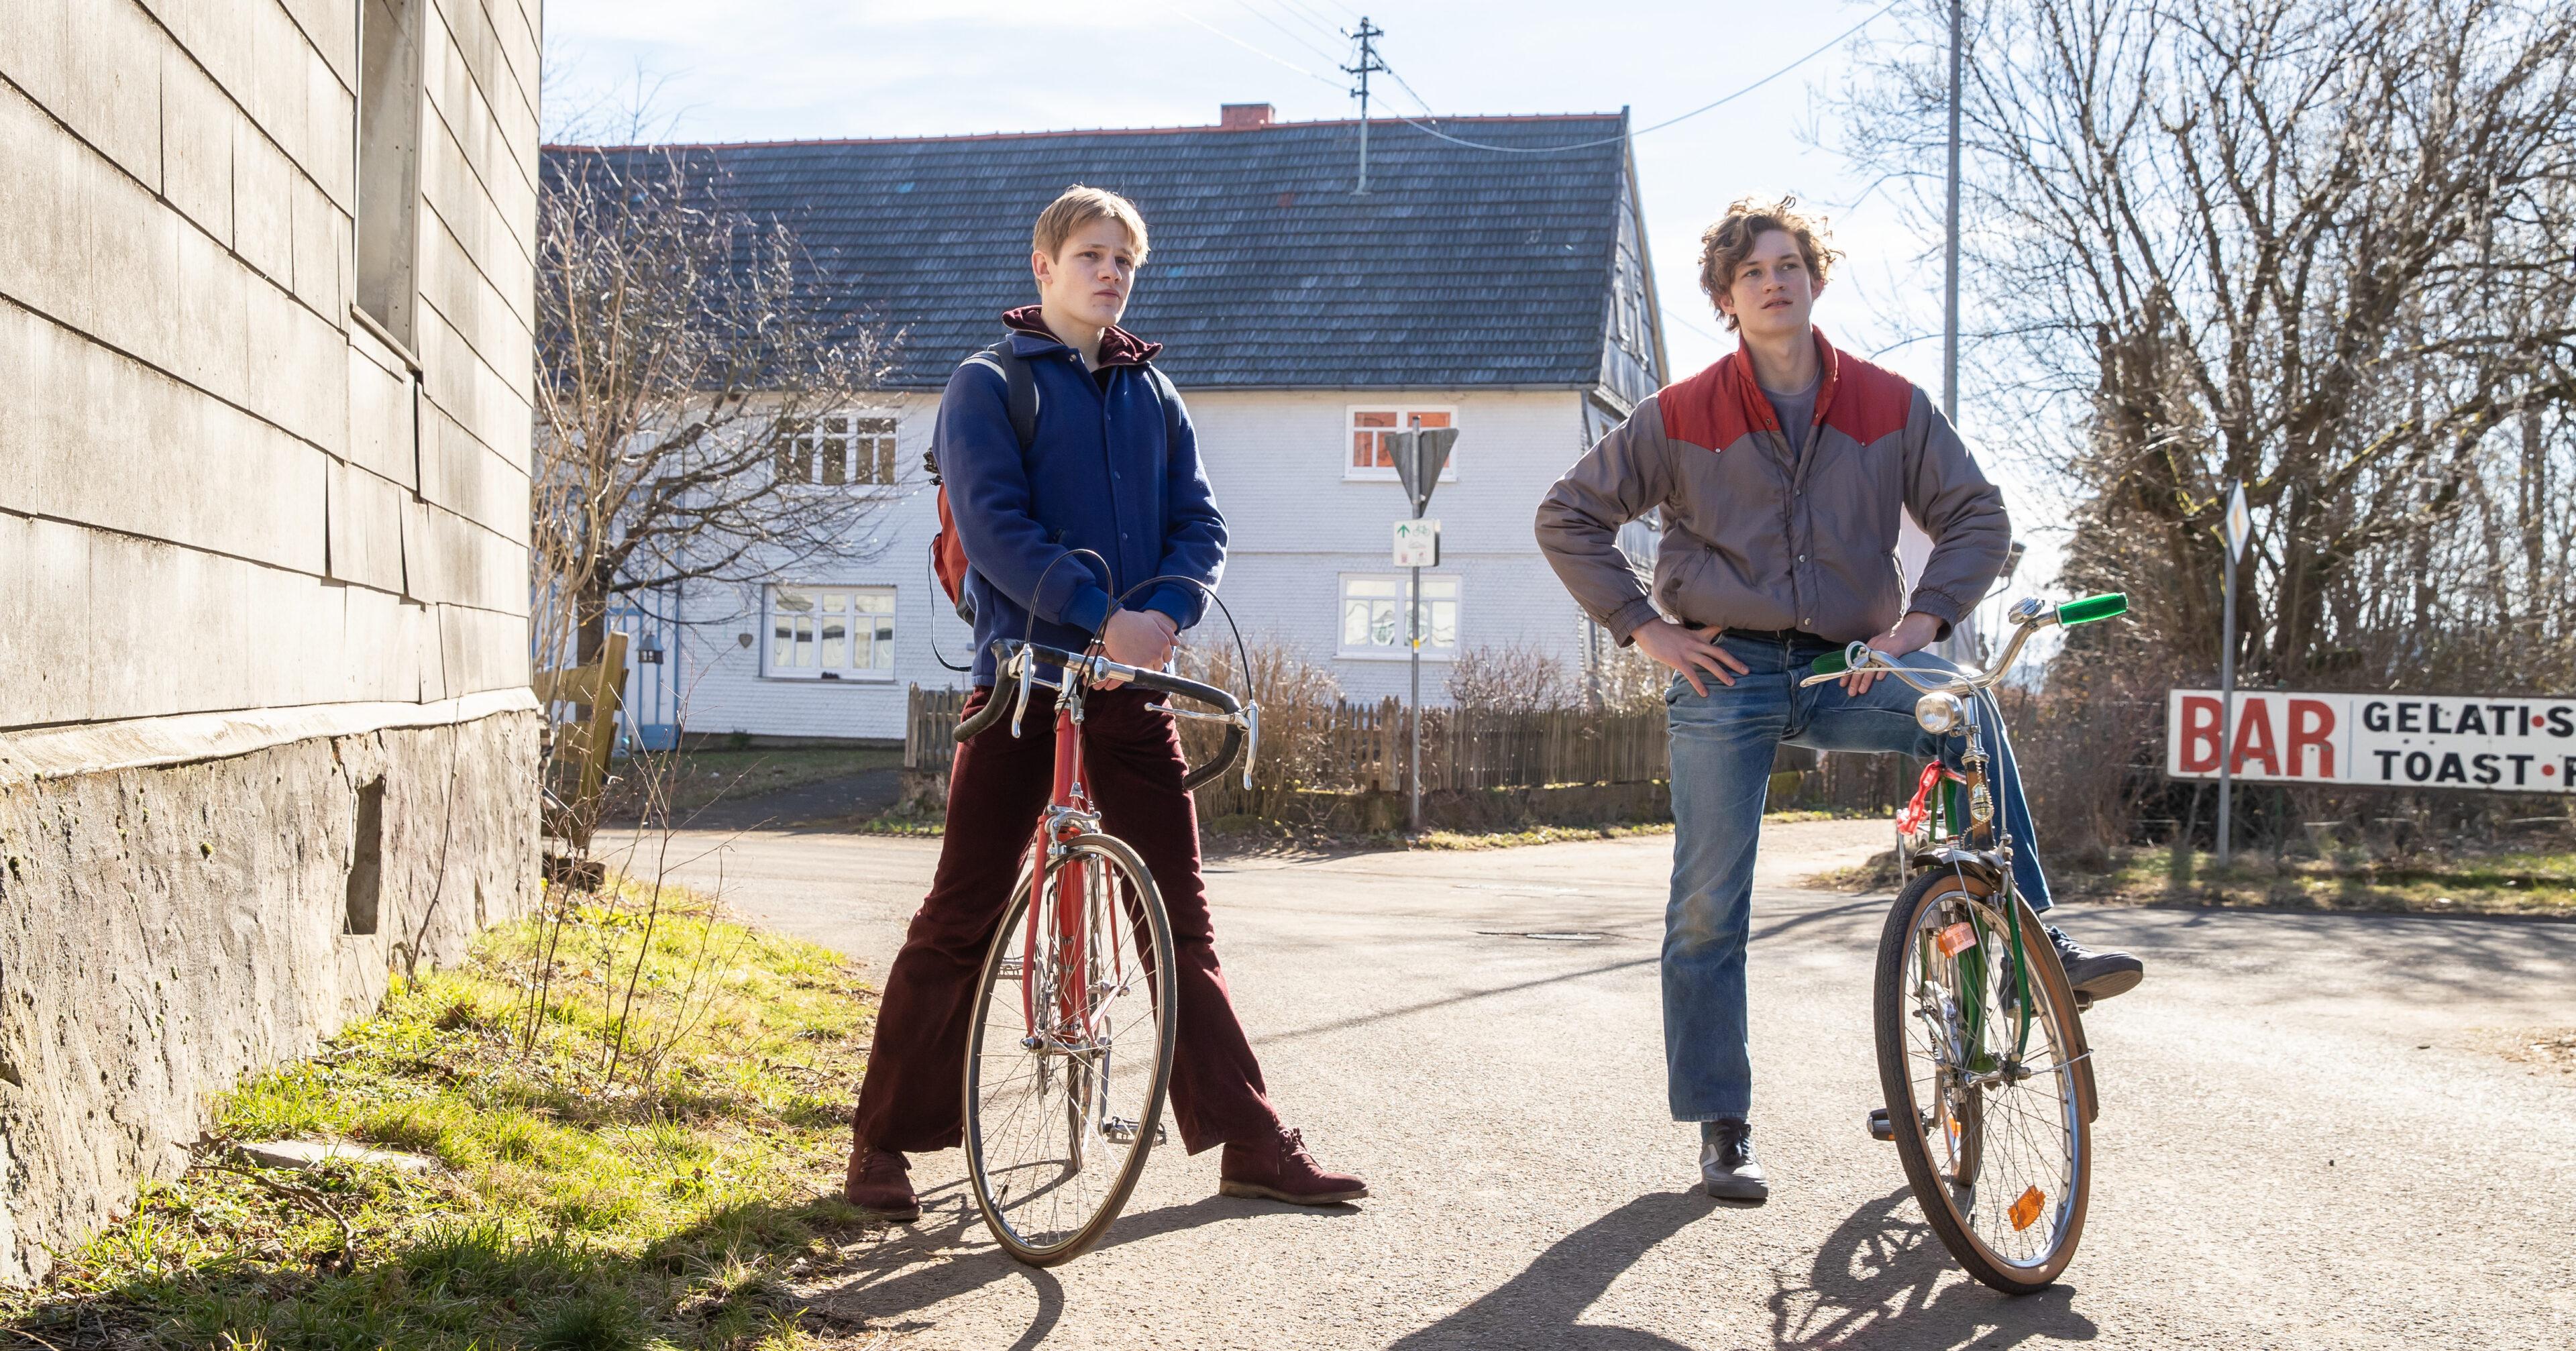 Auerhaus 3 scaled - OXMOX-FILMTIPPS für Dezember (Teil 2)